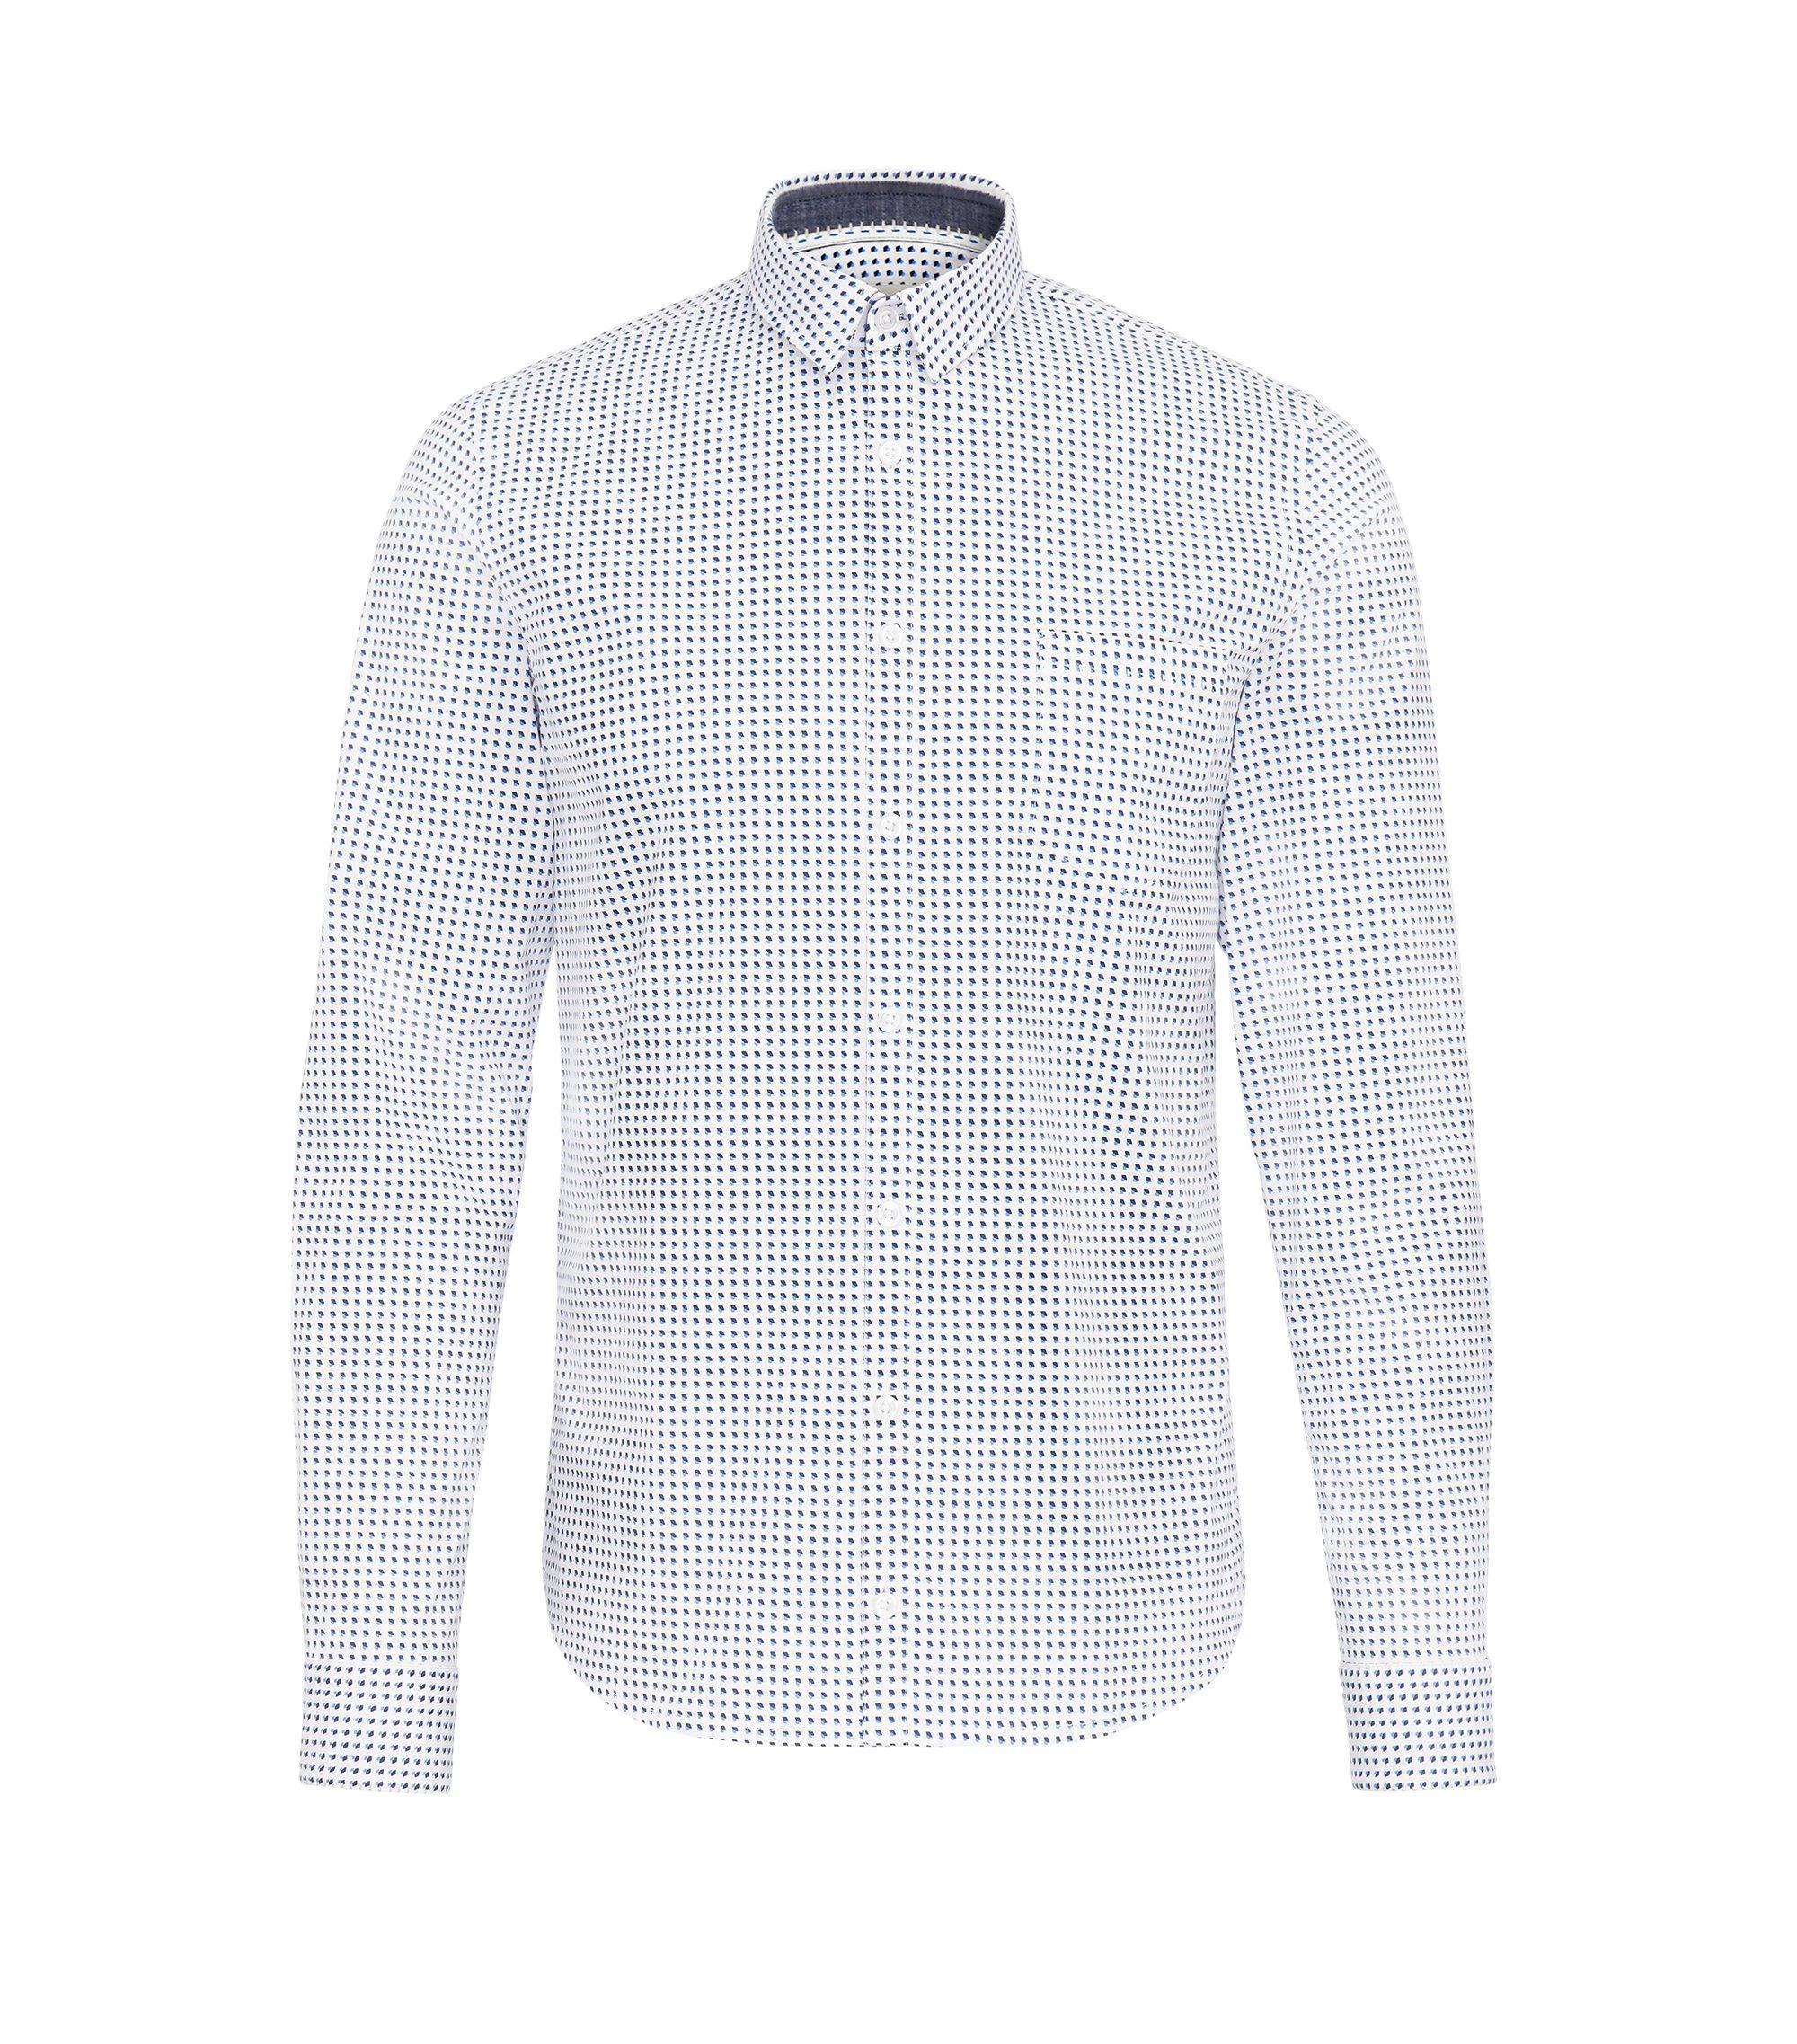 Camicia extra slim fit in cotone elasticizzato a disegni, A disegni